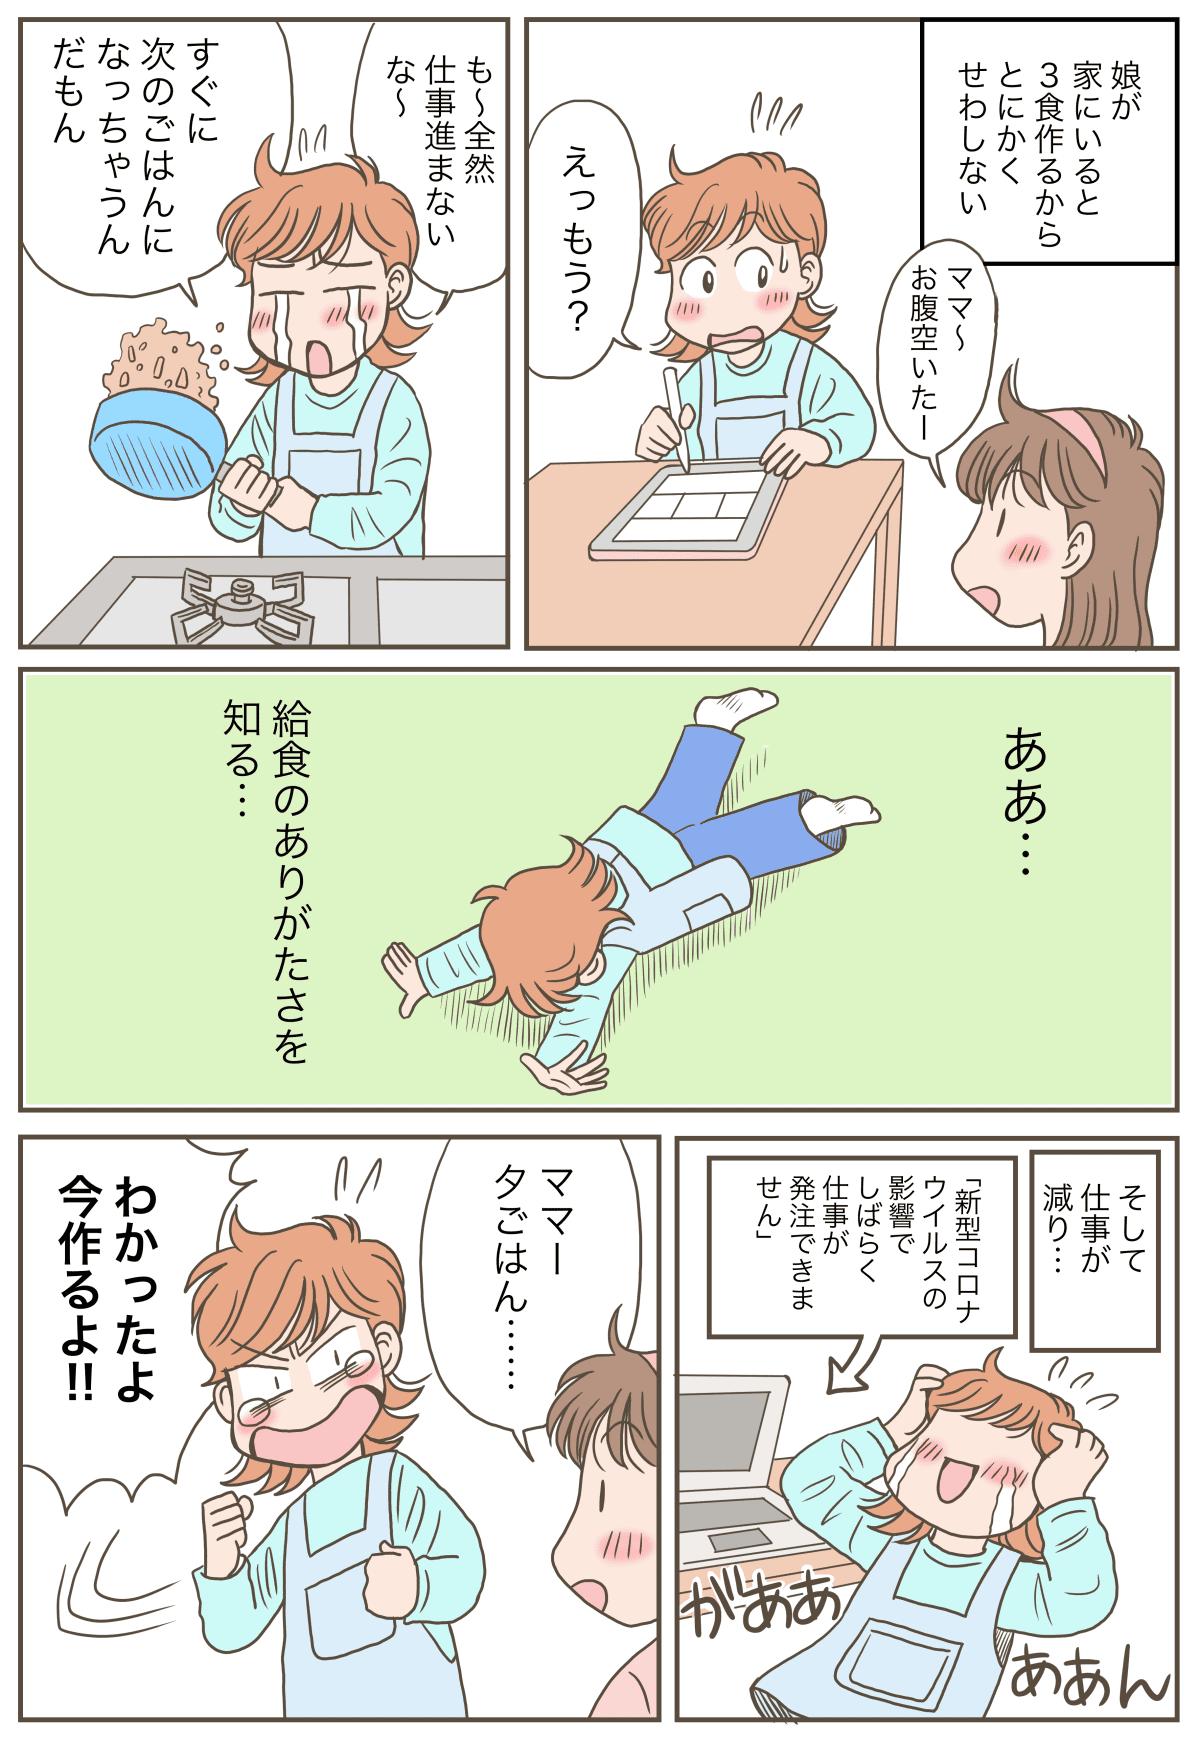 お助けメニュー_001